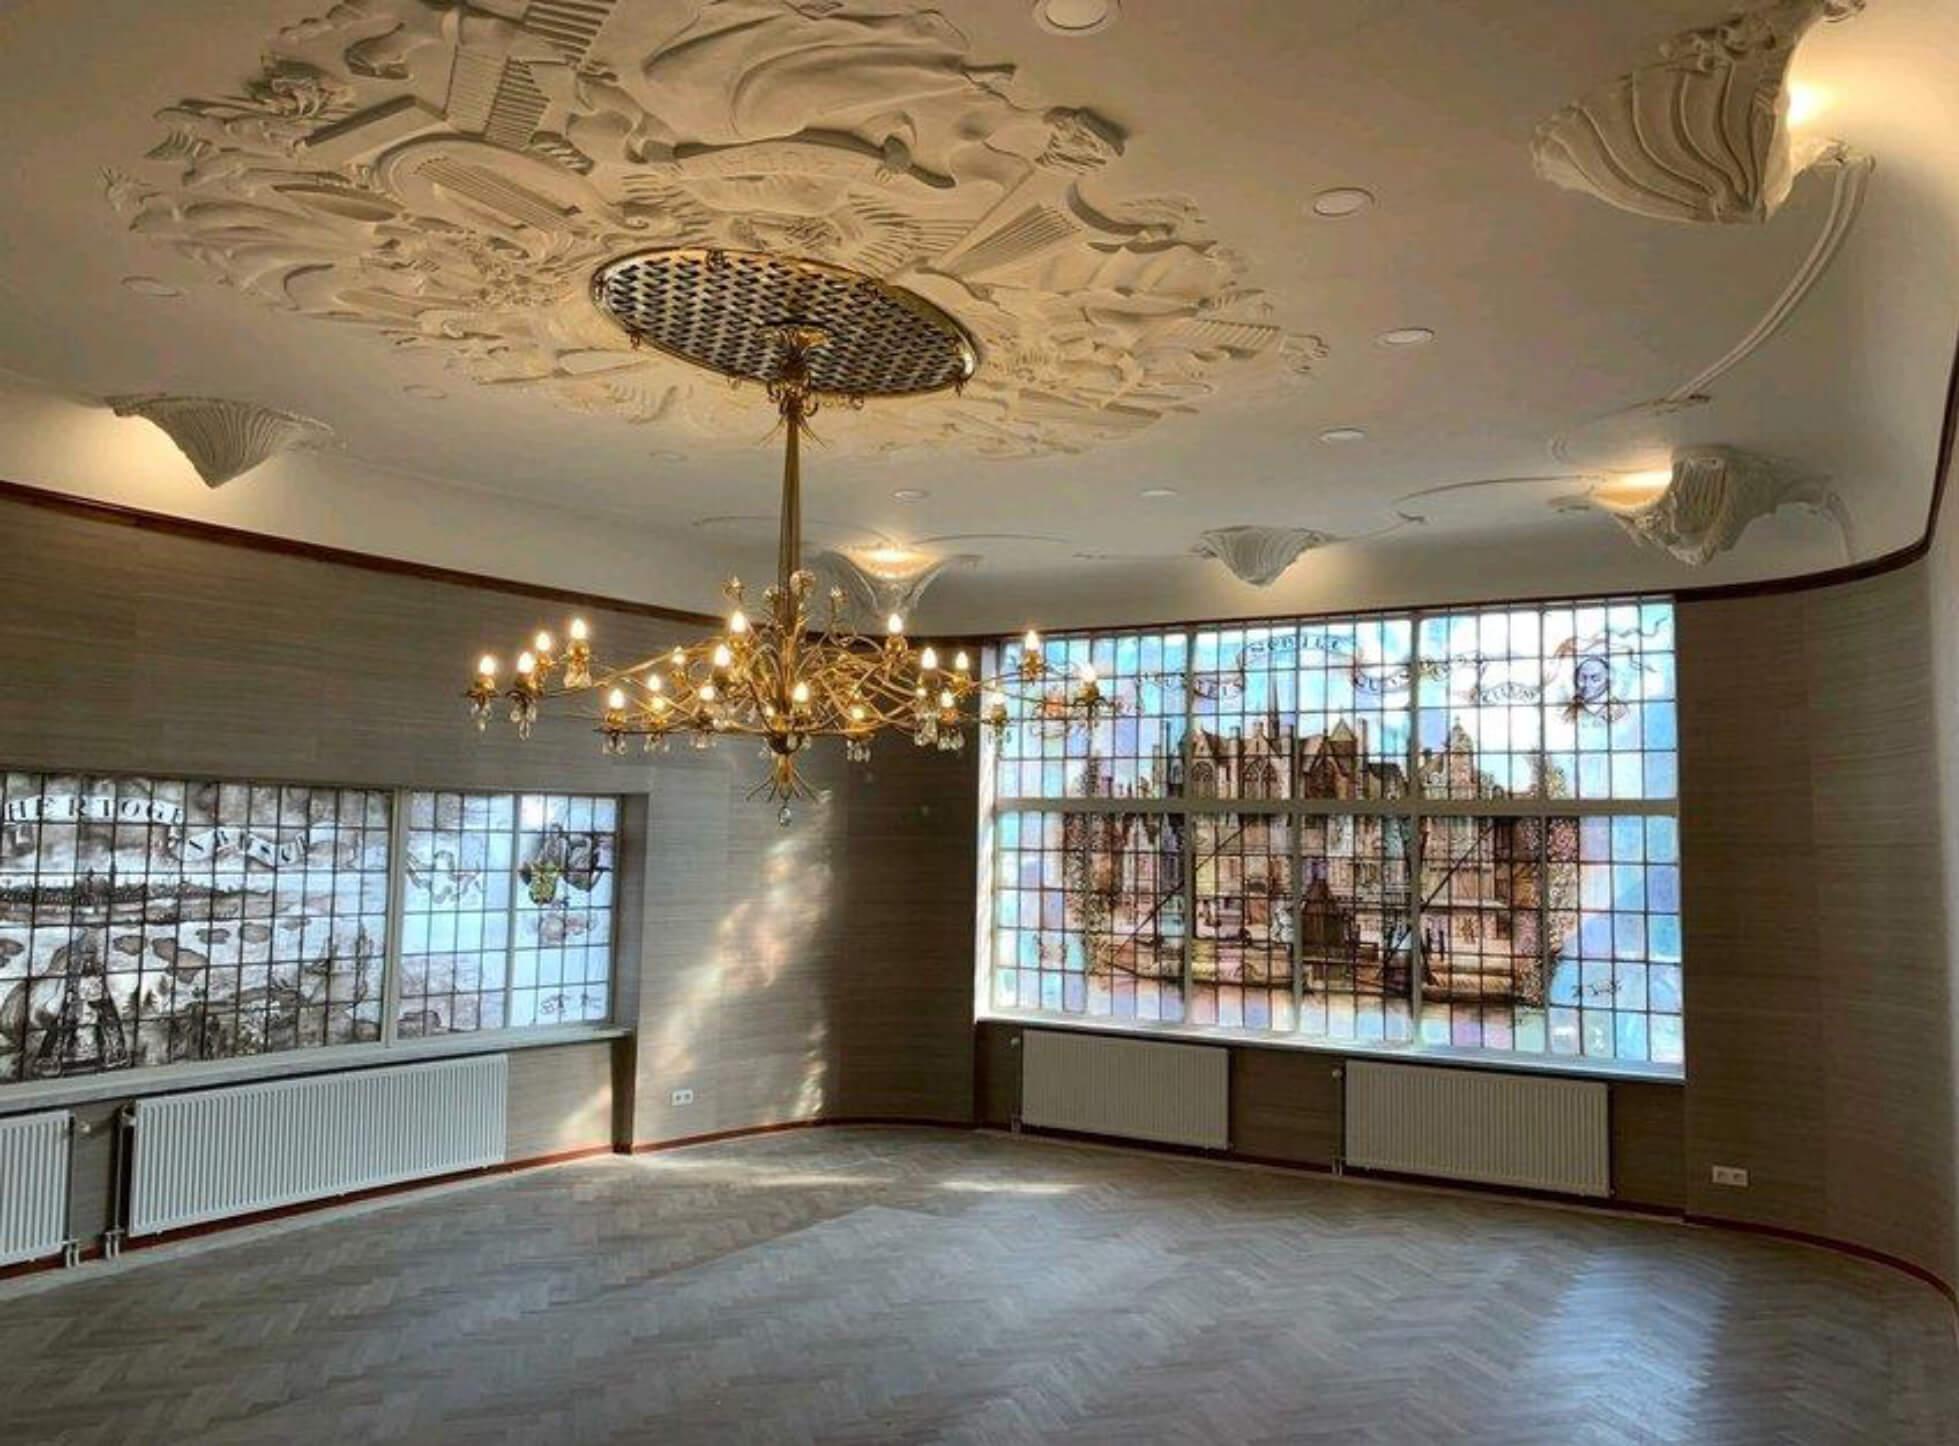 plafond stucwerk repartie in het oude KRO gebouw na foto